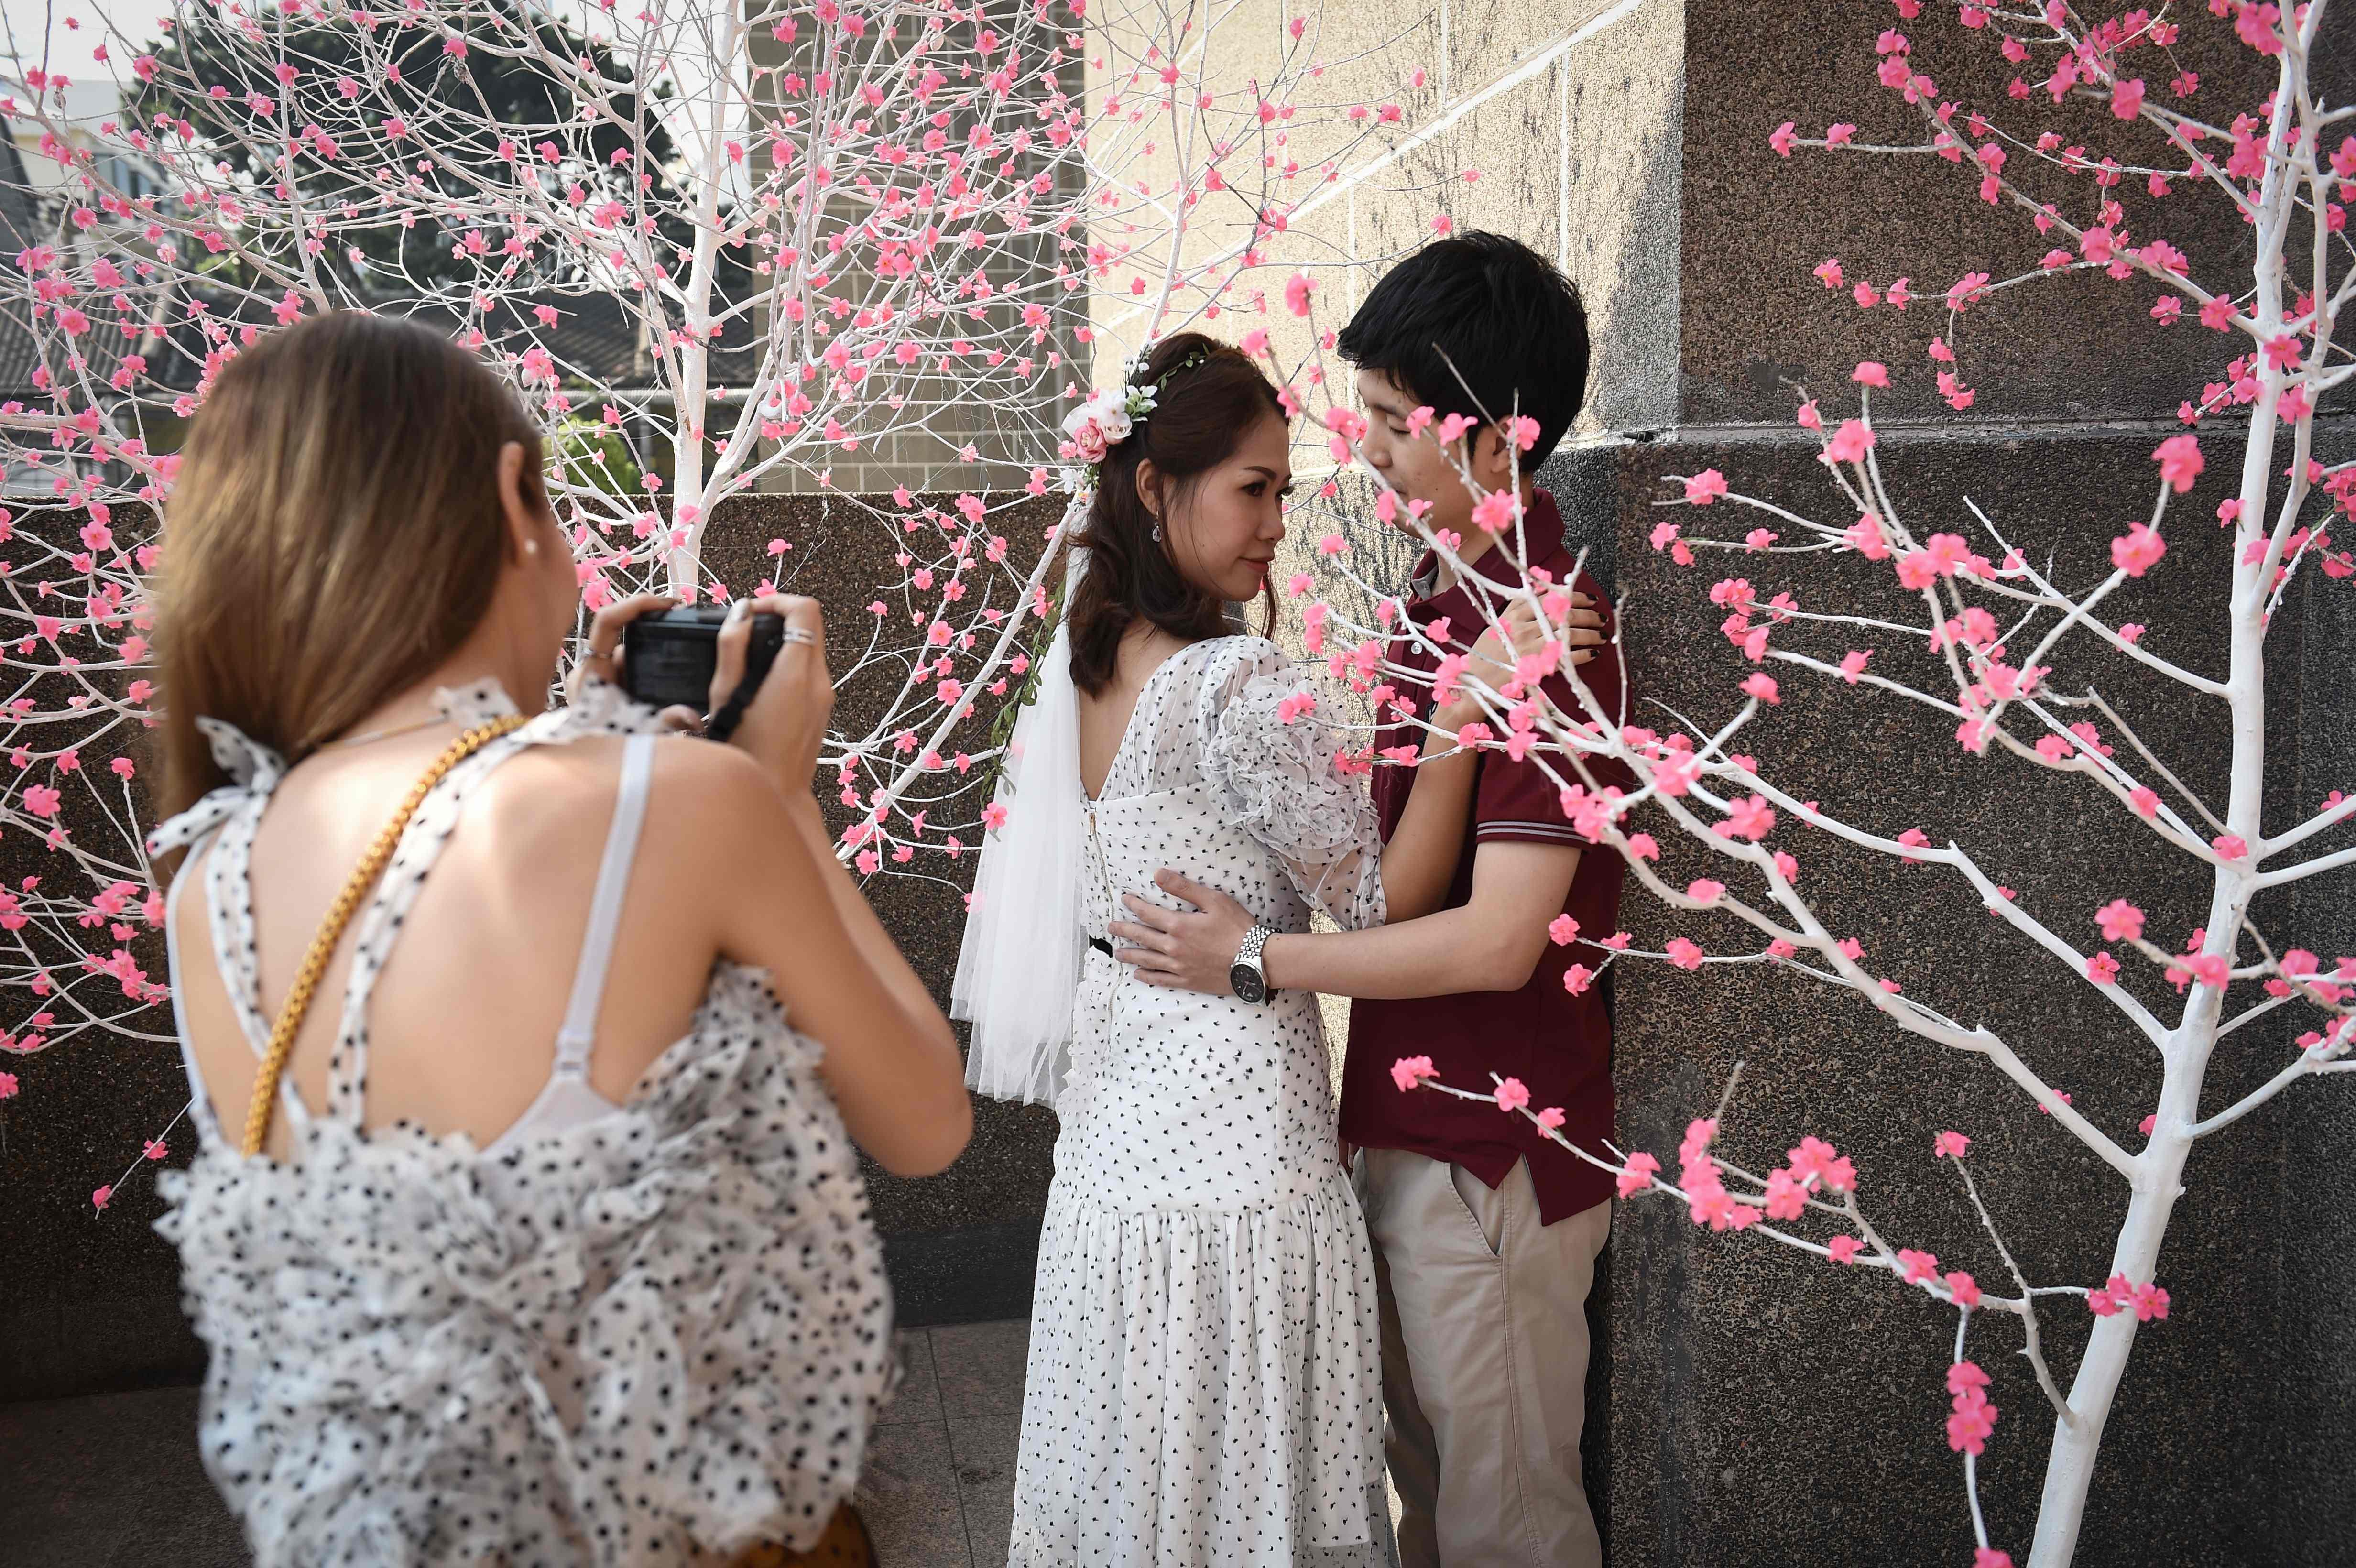 زوجان يلتقطان صورة للتعبير عن الحب فى بنكوك